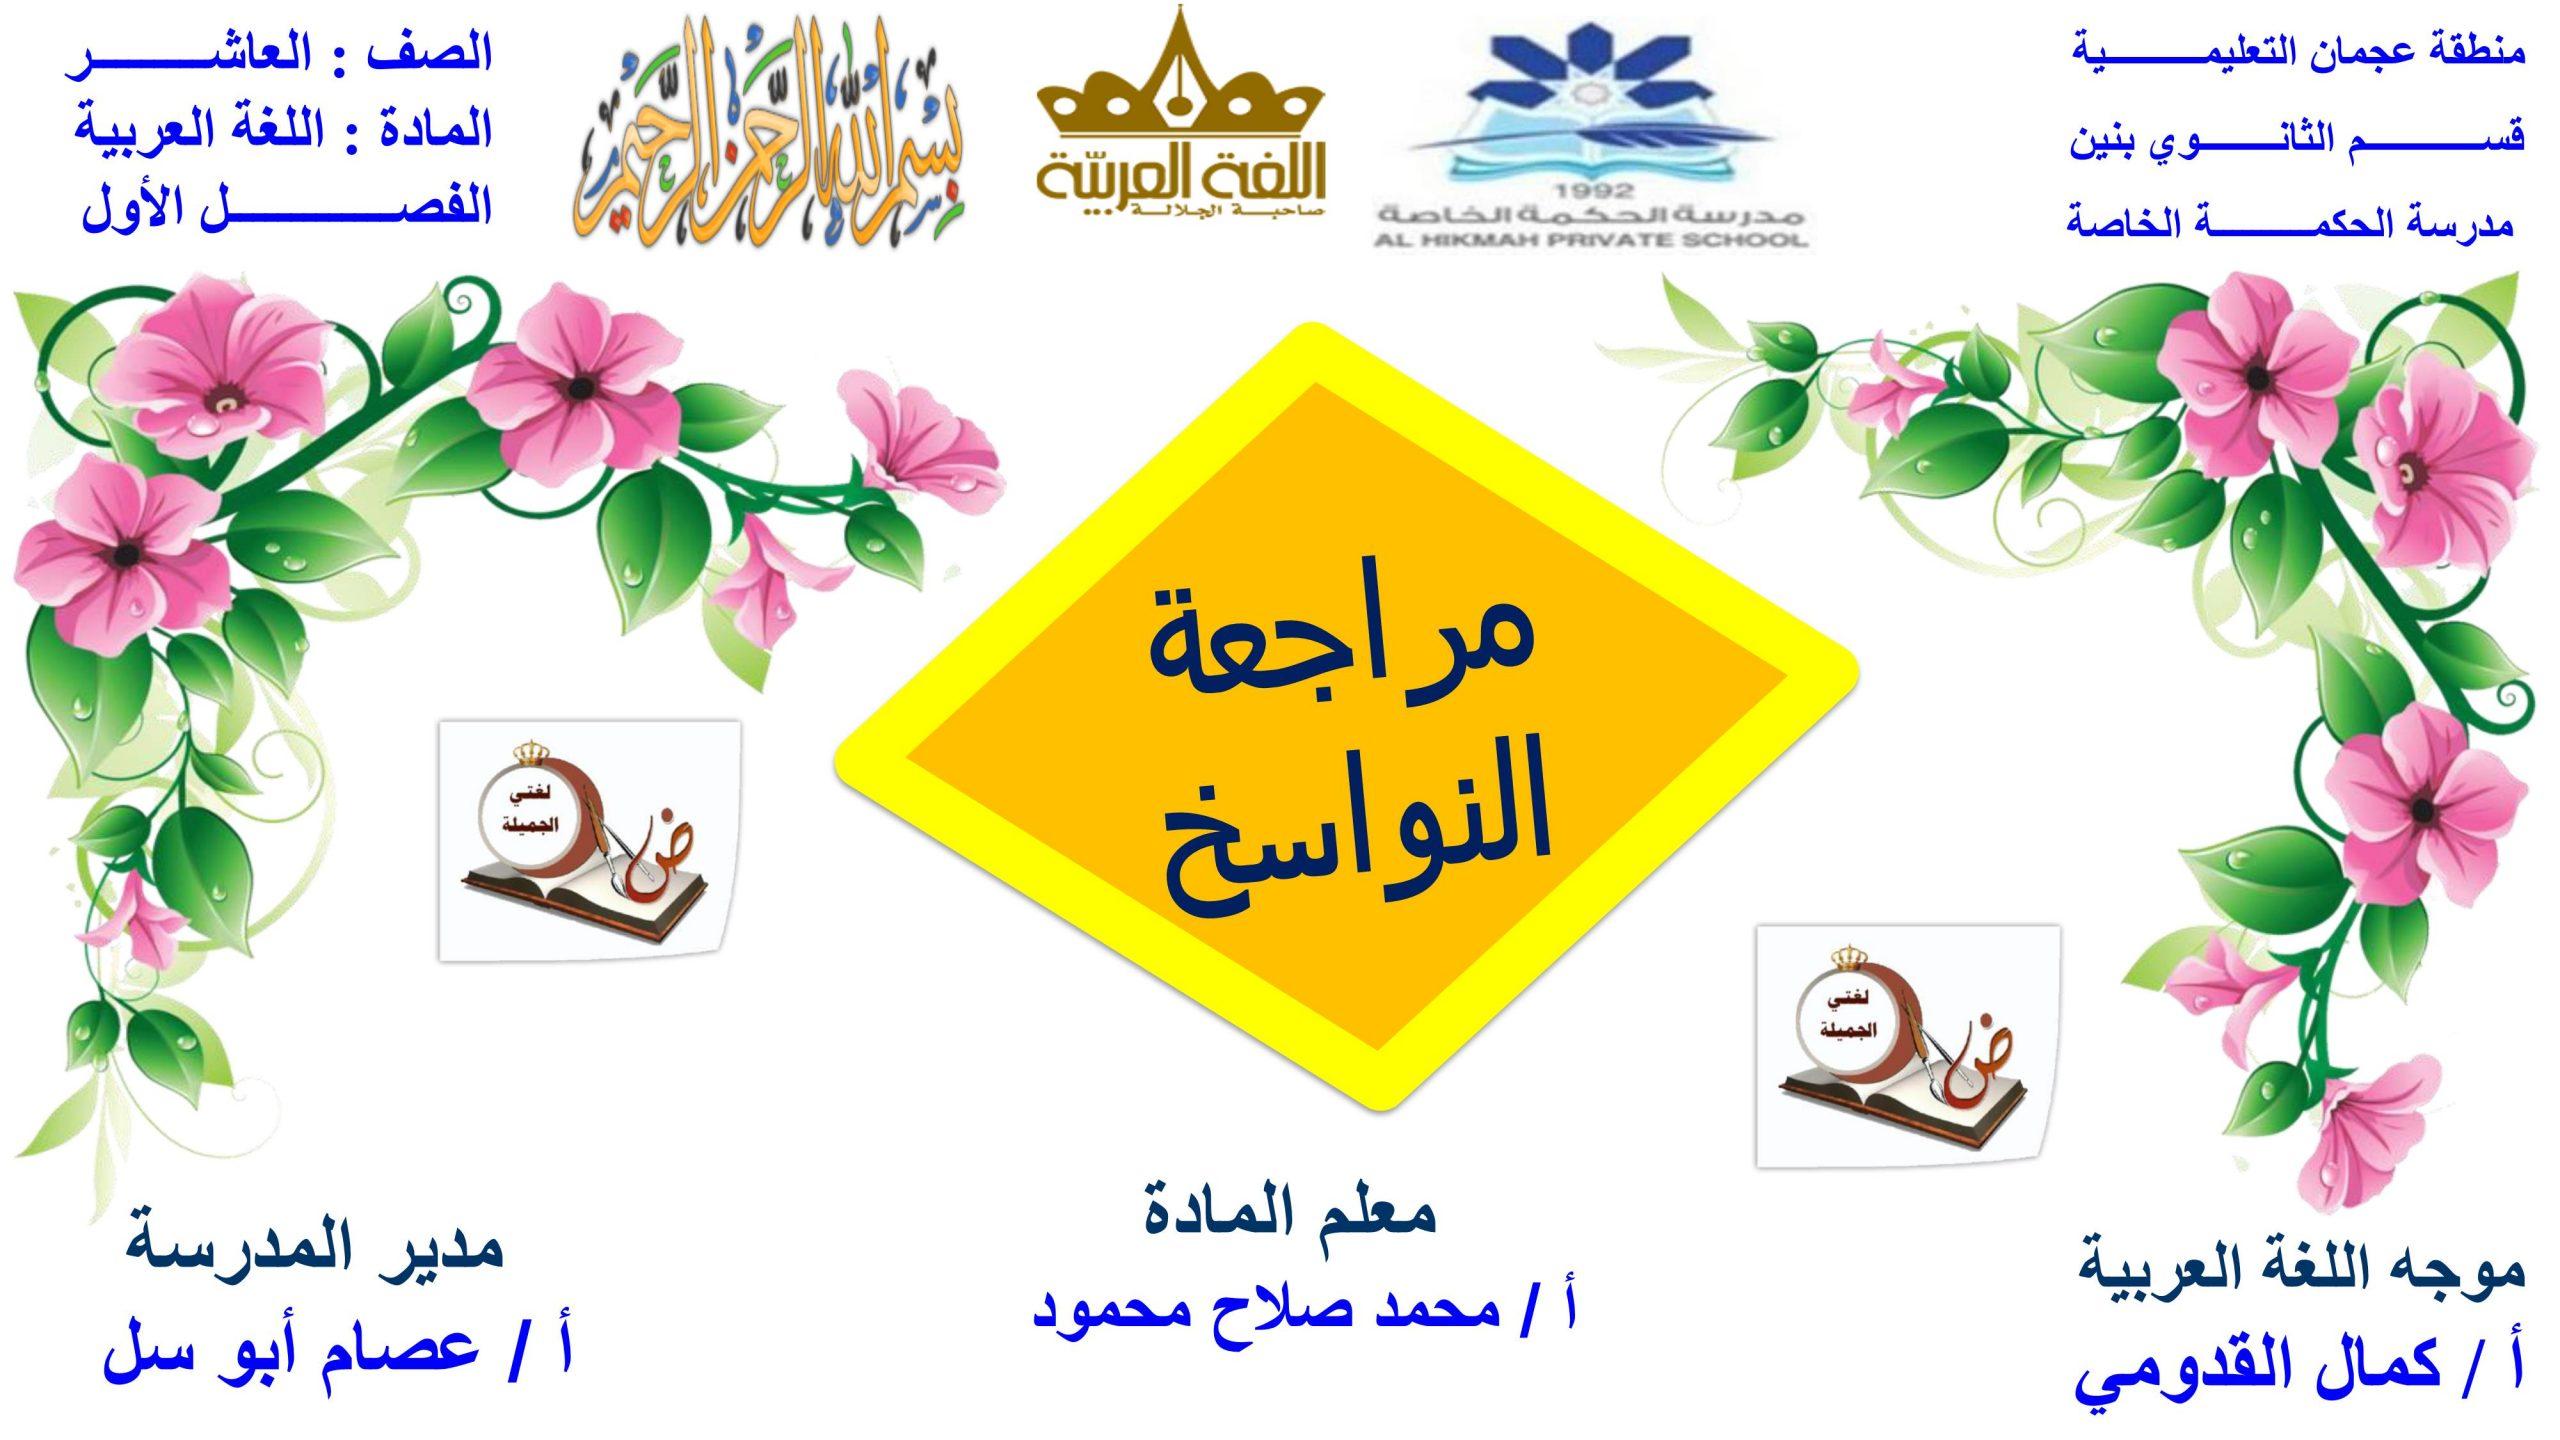 مراجعة النواسخ الفصل الدراسي الاول الصف العاشر مادة اللغة العربية